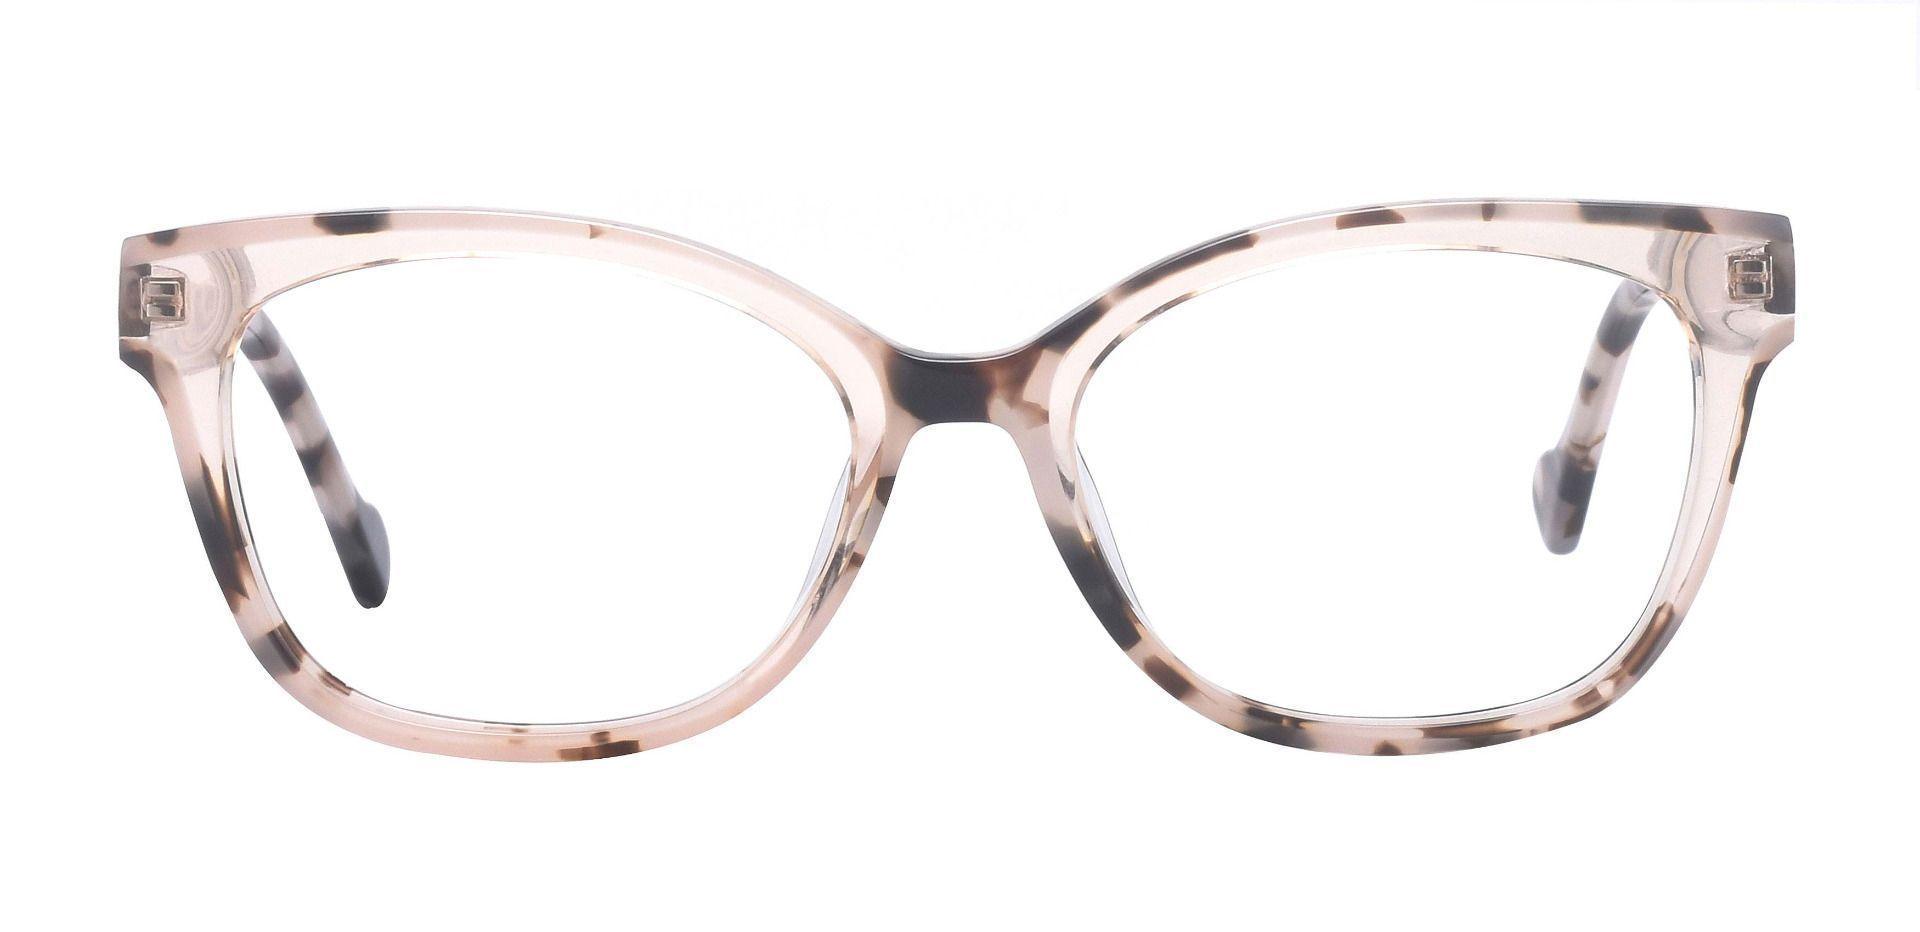 Khloe Cat-Eye Prescription Glasses - Tortoise